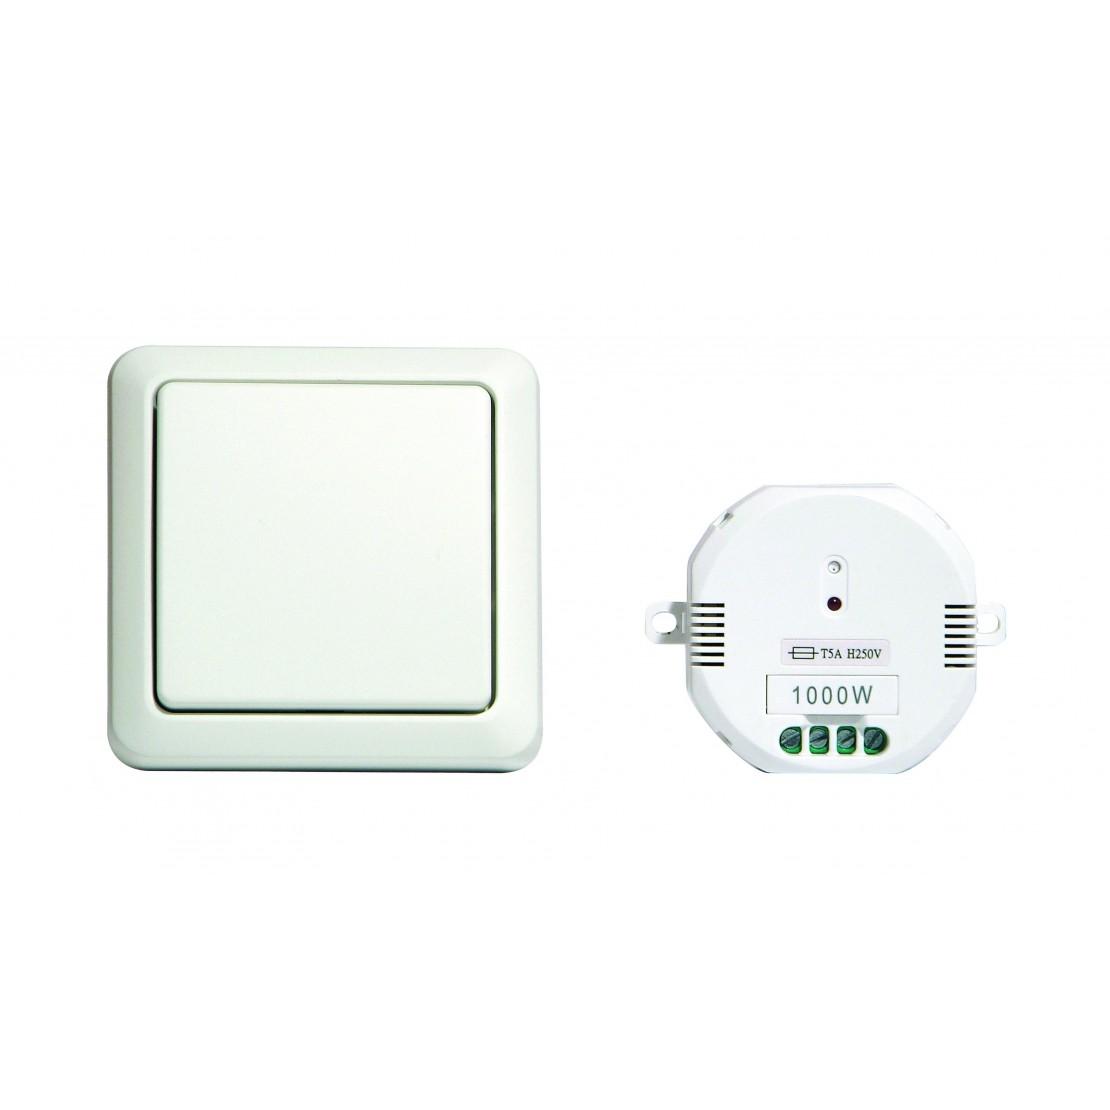 Interruptor sem fios + MóduloOn/Off(blanco, 1000W)